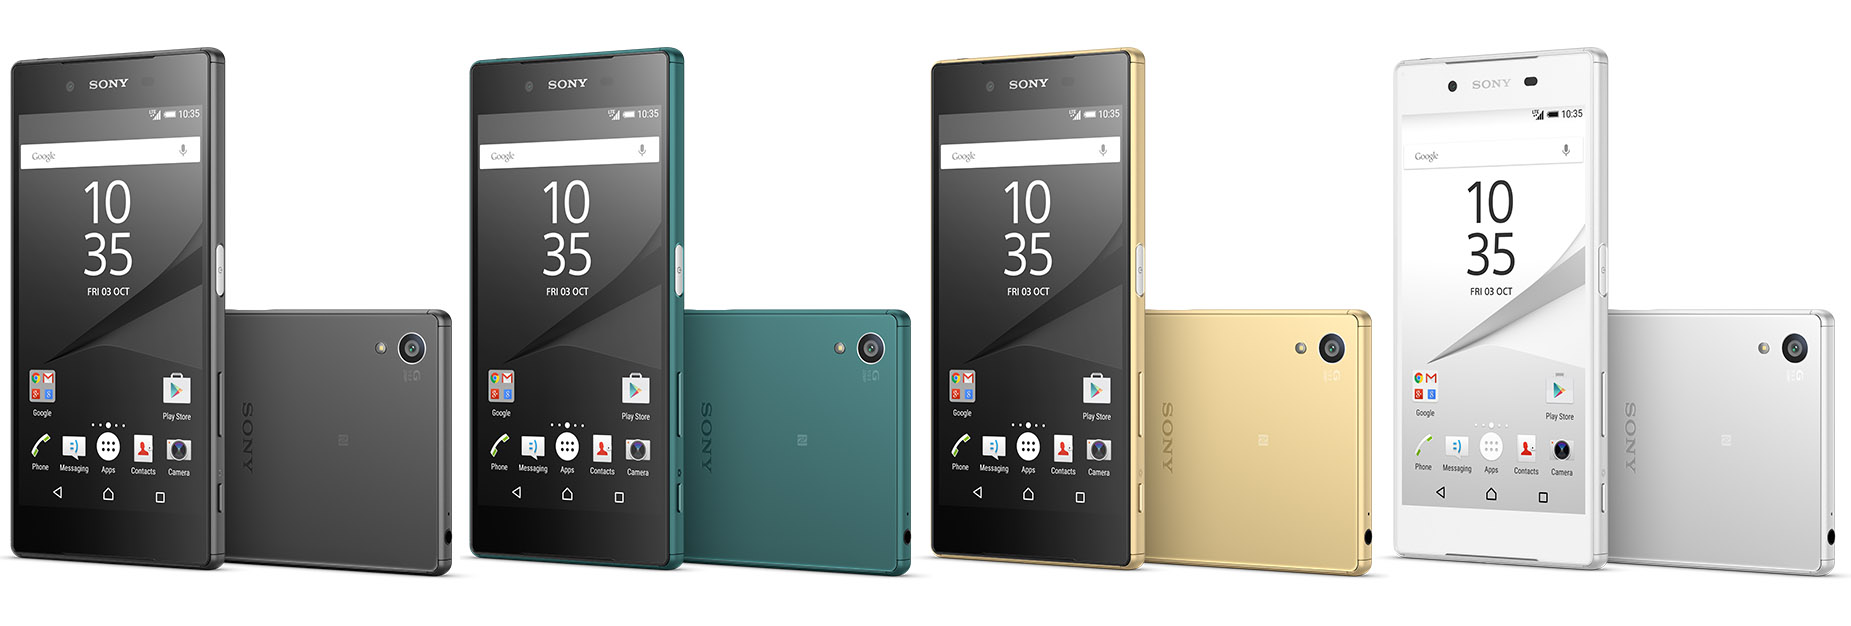 Черный, темно-зеленый, золотистый и белый Sony Xperia Z5